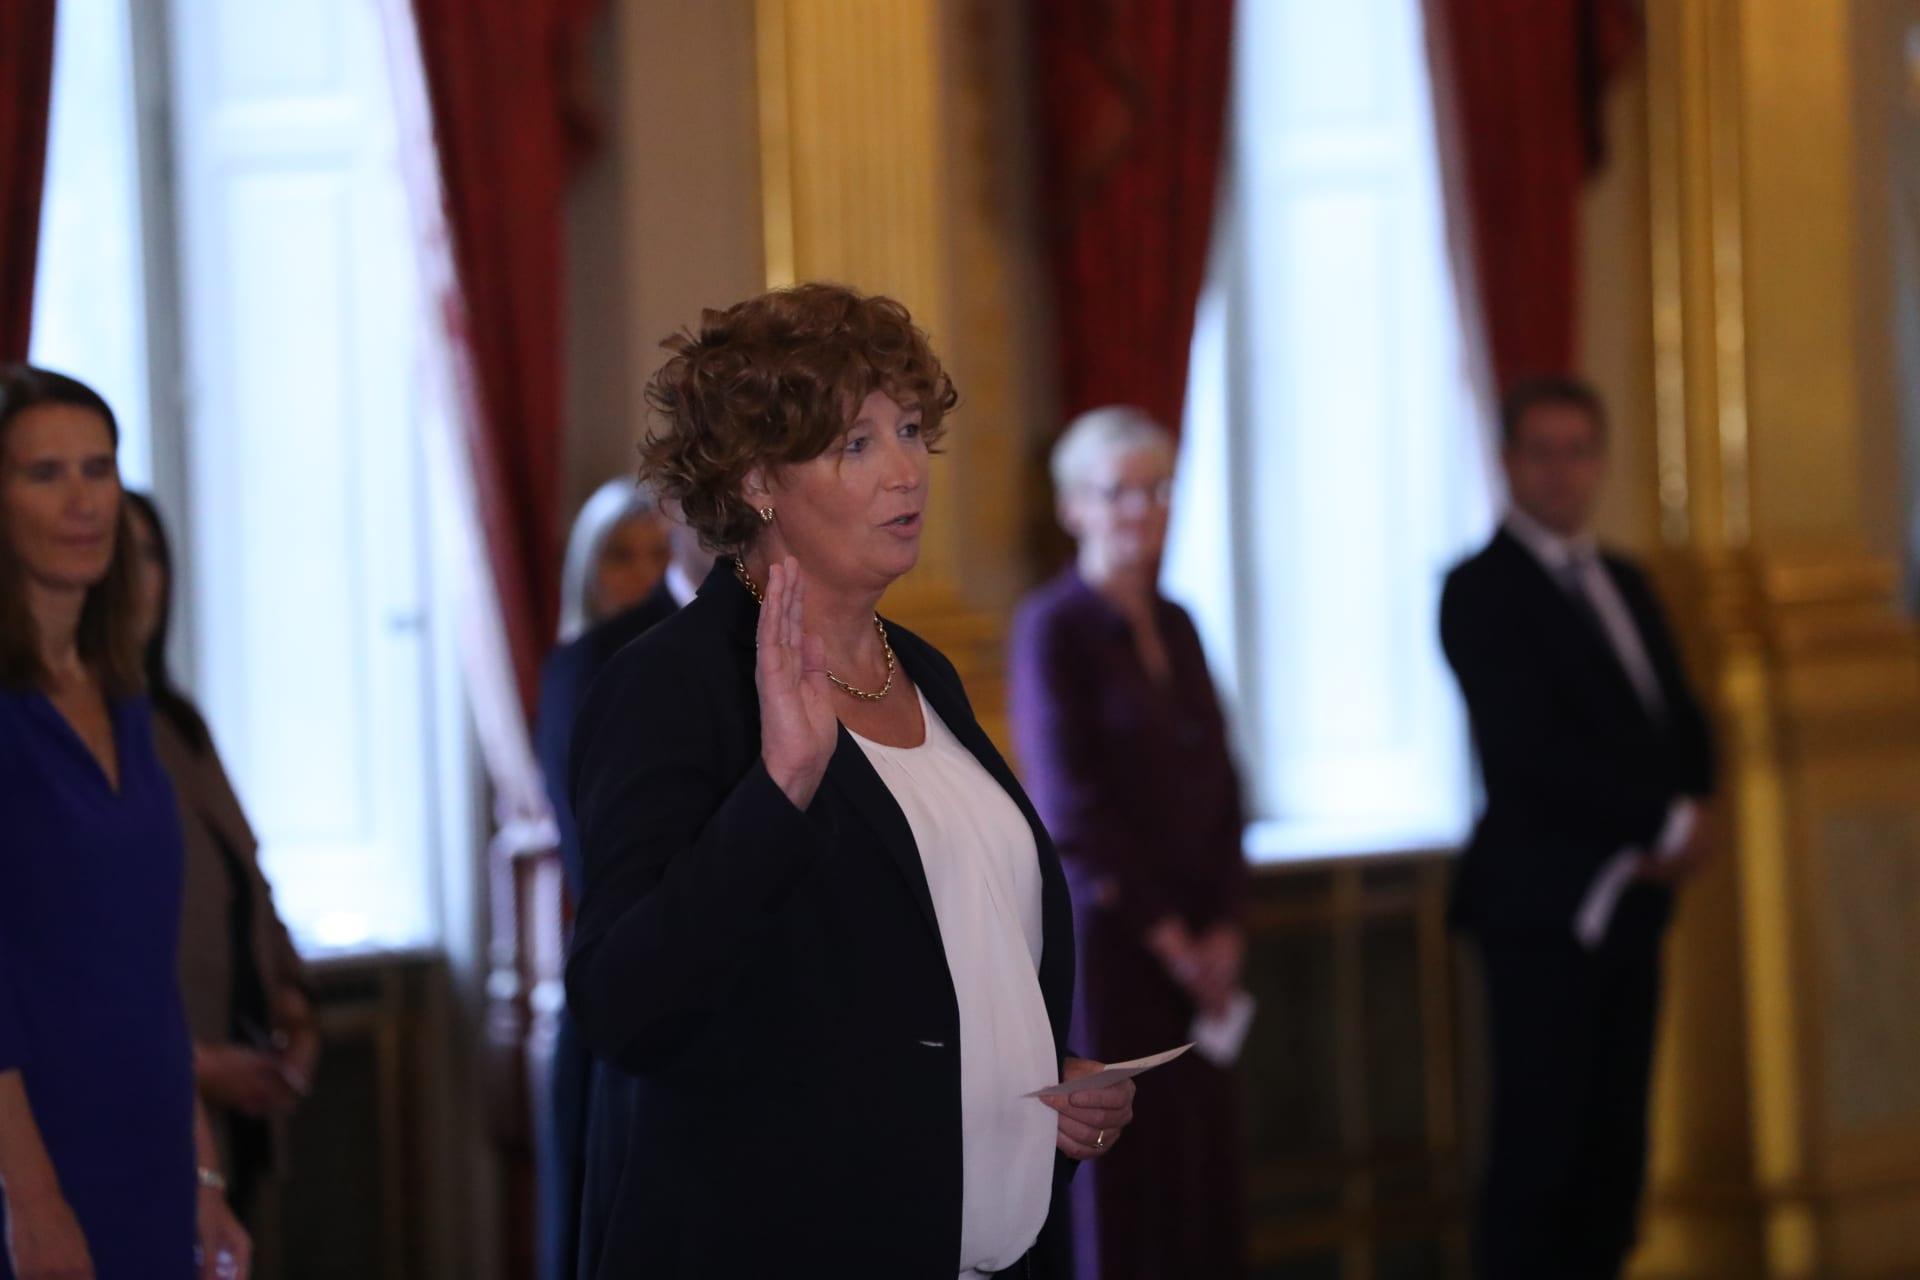 أكبر سياسية متحولة جنسياً في أوروبا تتقلد منصبًا بحكومة بلجيكا